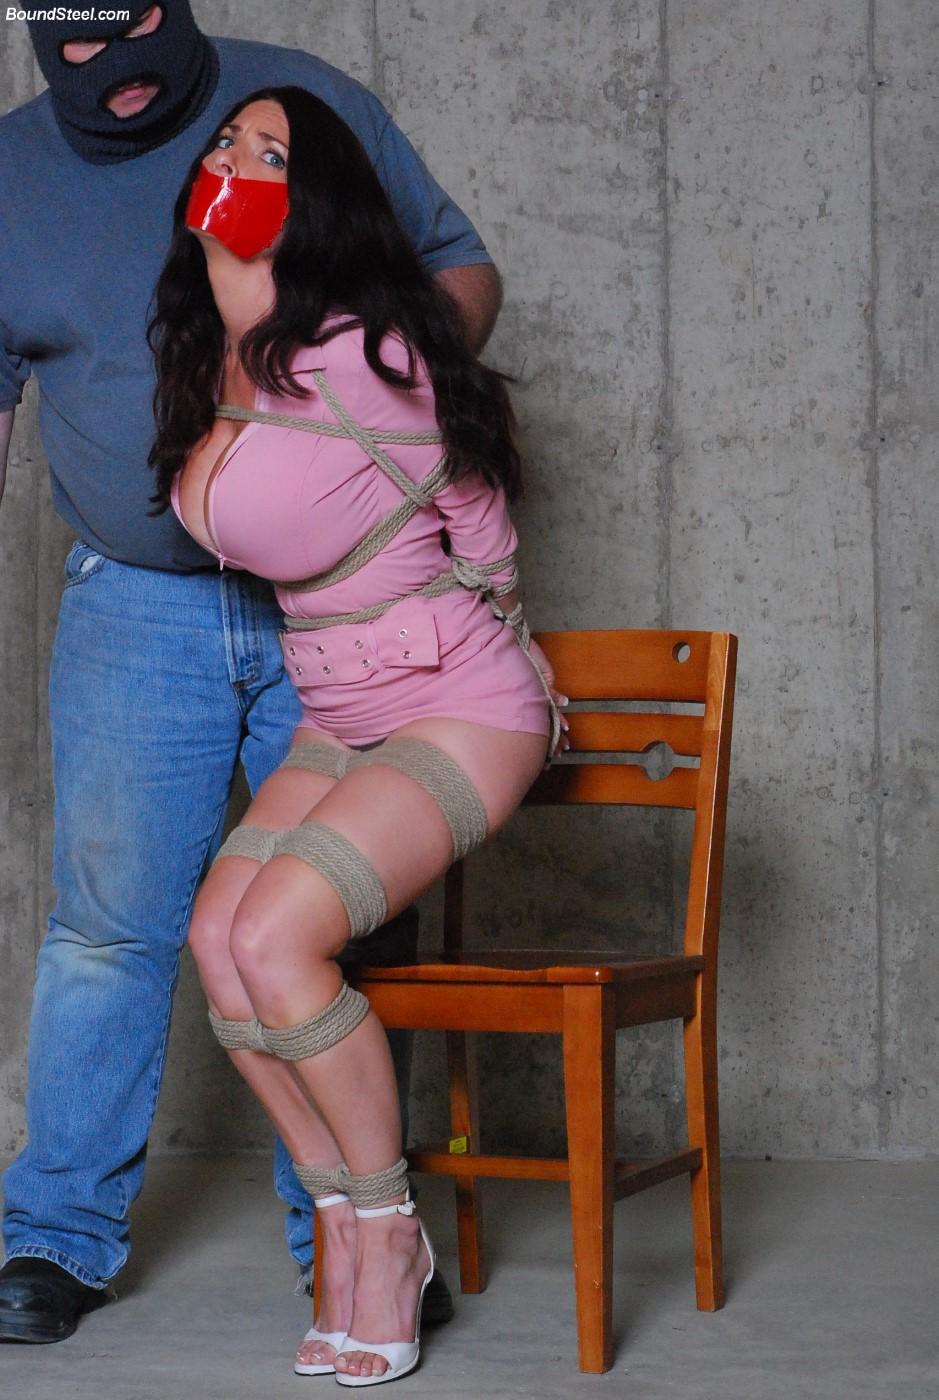 【SMエロ画像】緊縛効果で乳袋もパワーアップ!着たまま縛られたM外人www 15